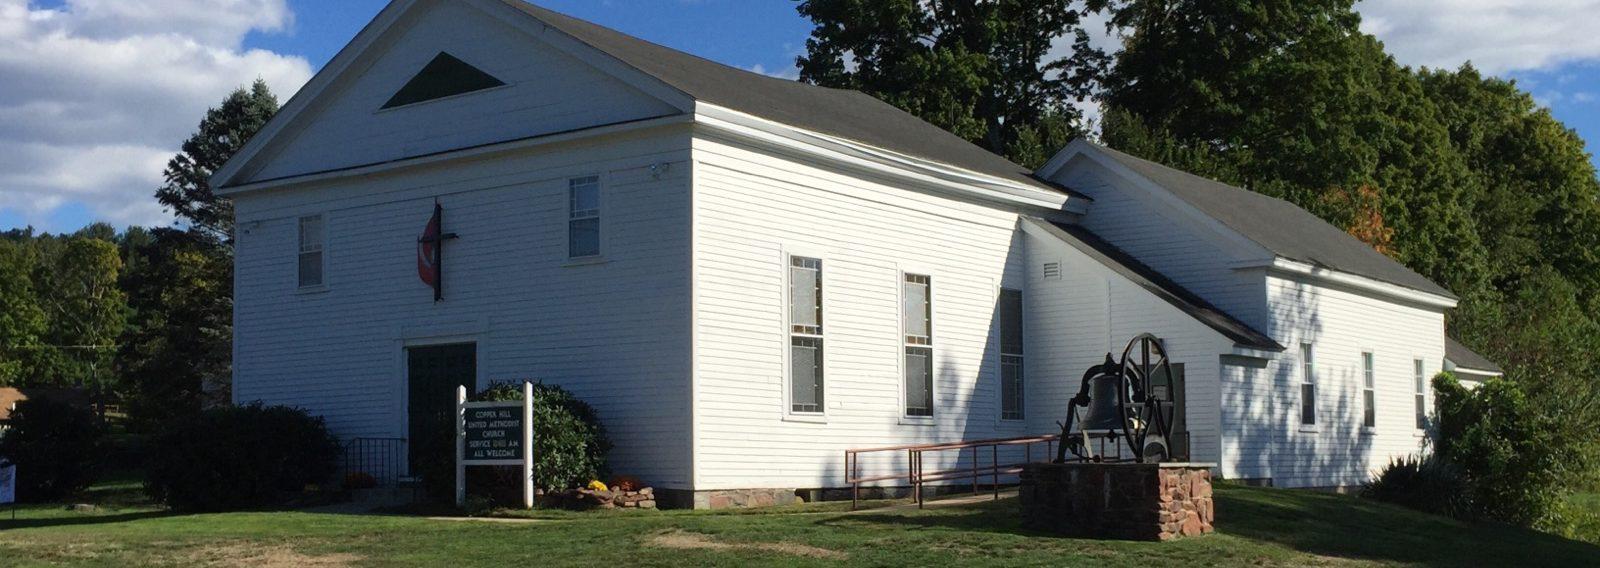 Copper Hill Church